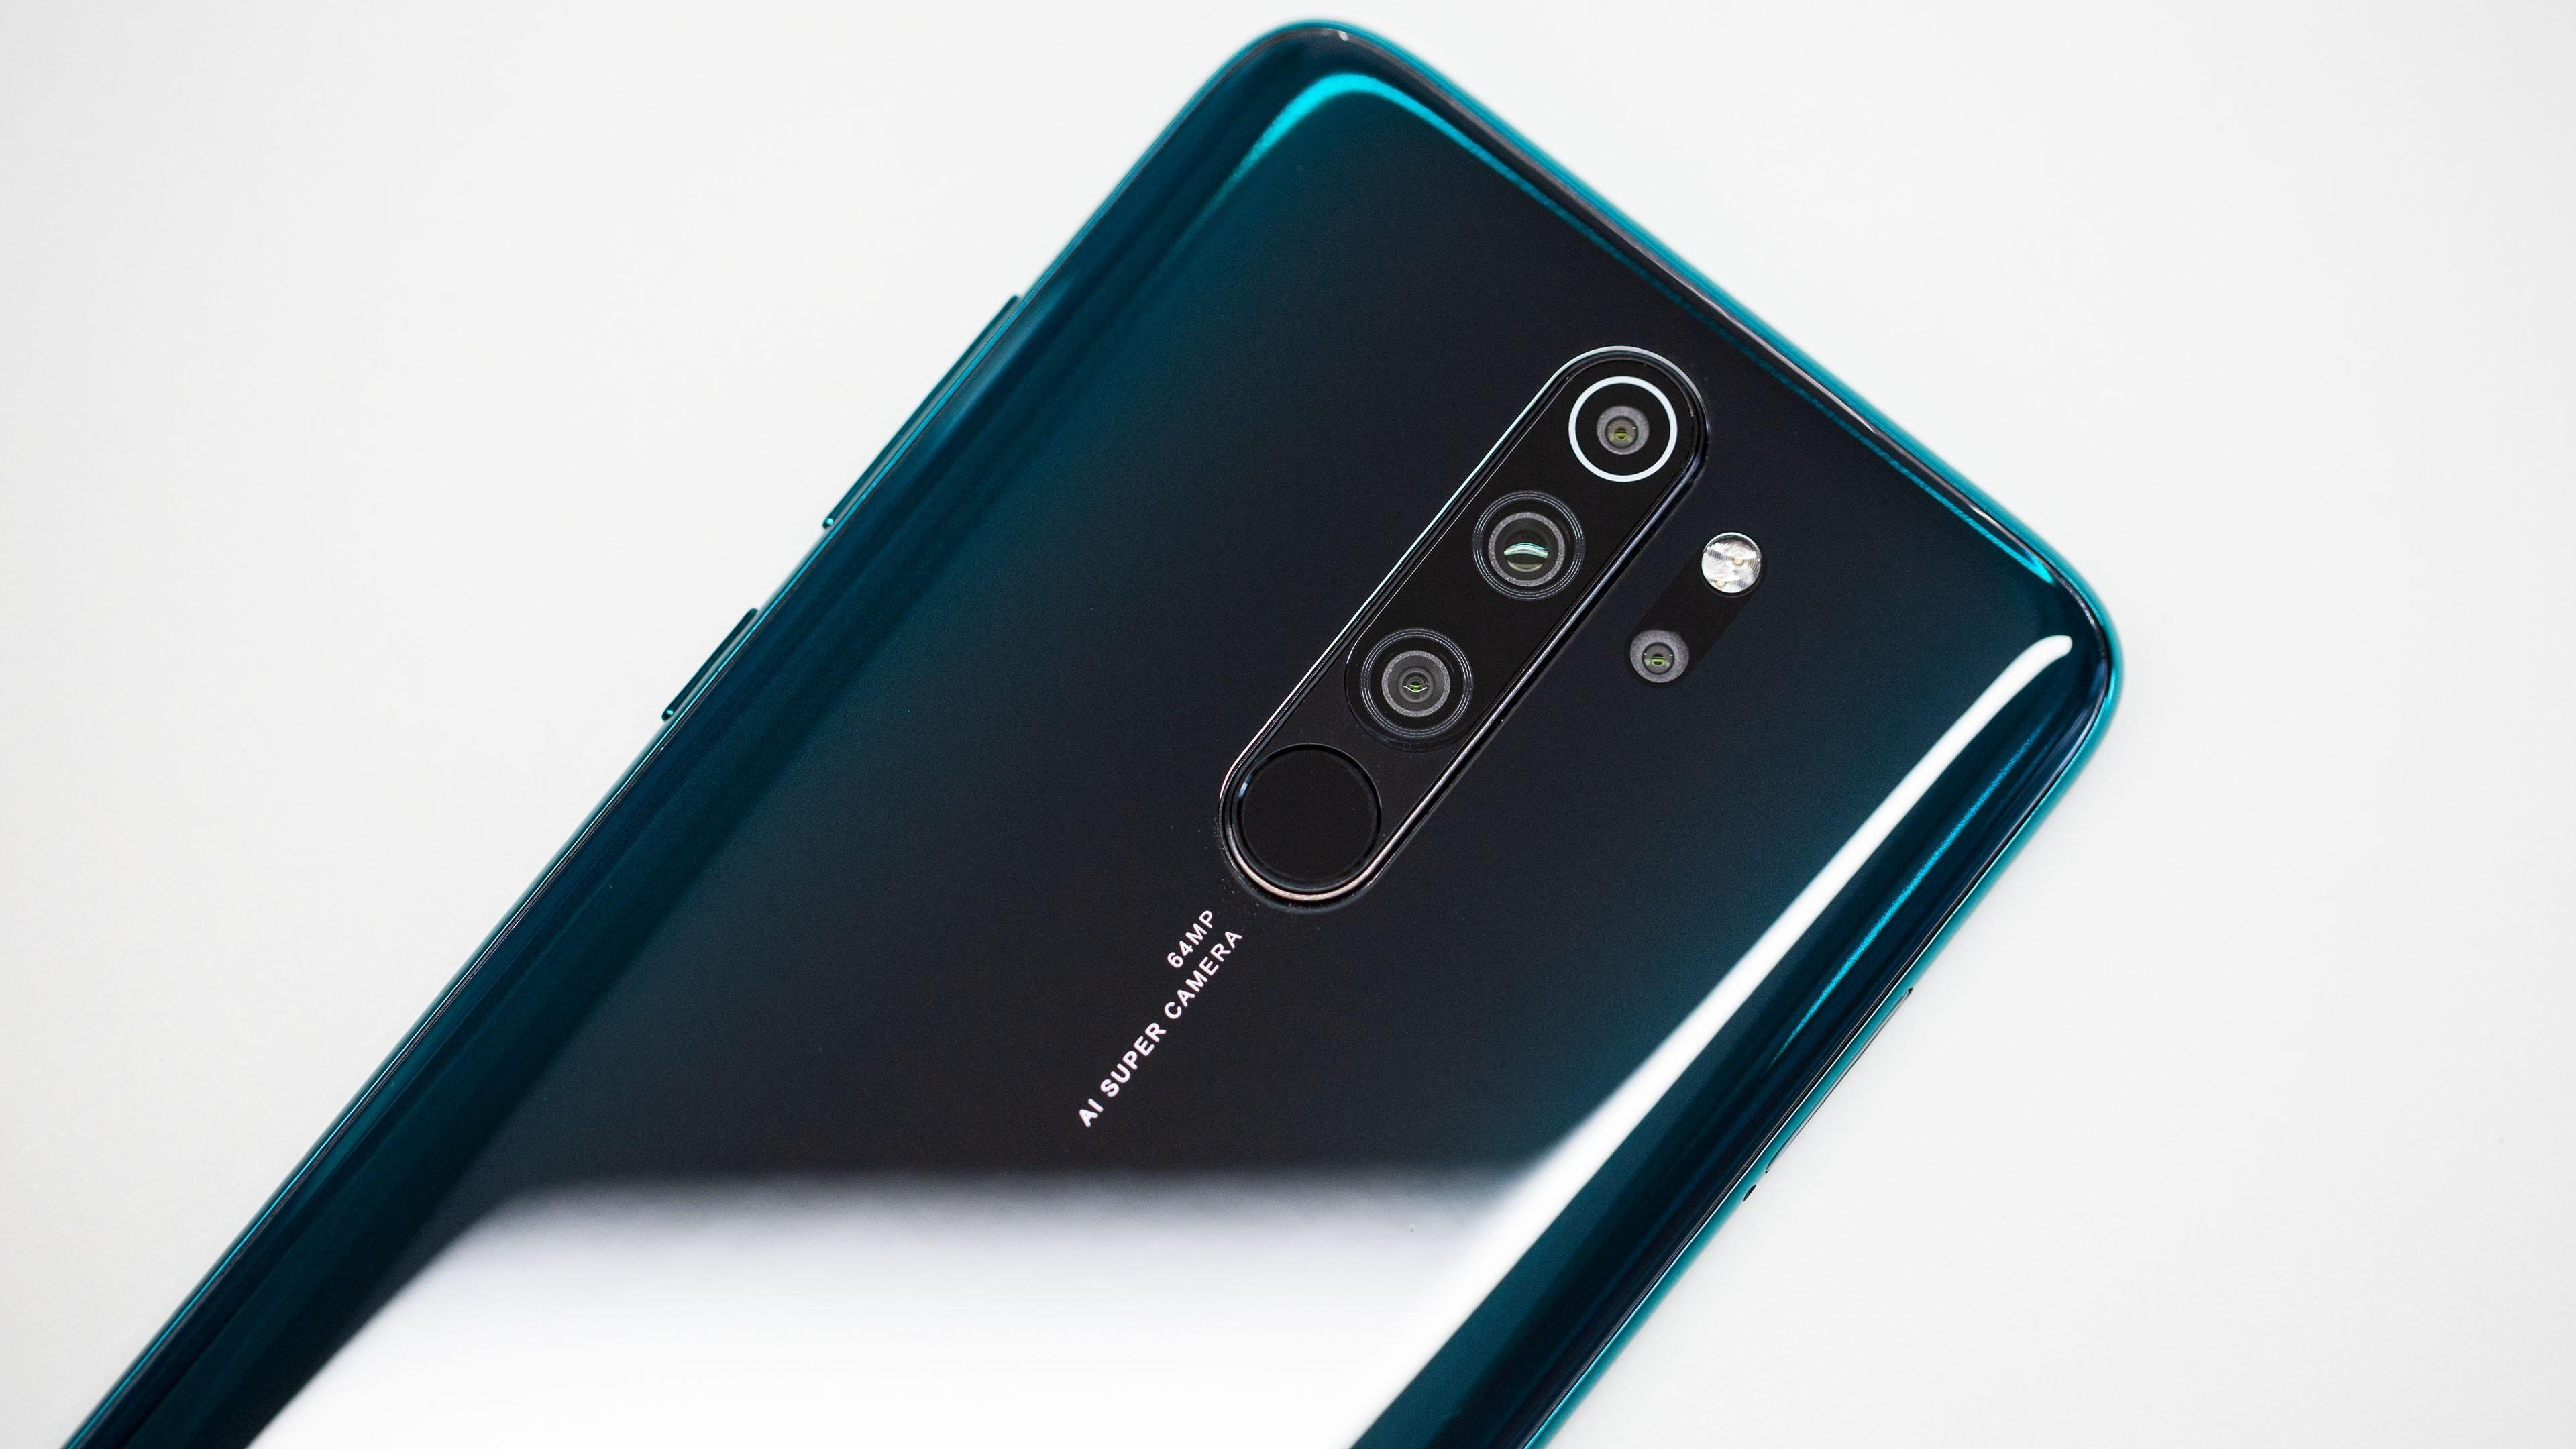 Redmi Note 8 Pro 6GB64GB आणि 8128 GB स्टोअरेज असे दोन वेरियंट या मोबाईलमध्ये उपलब्ध आहेत. त्यापैकी 6 GB वेरियंट असलेला मोबाईल तुम्हाला 15 हजार पर्यंत मिळणार आहे. 648 मेगापिक्सल कॅमेरा आणि 4500 mAh Battery बॅटरी या मोबाईलमध्ये मिळणार आहे. निळा, काळा आणि पांढरा अशा तीन रंगात हा मोबाईल तुम्हाला उपलब्ध होईल.